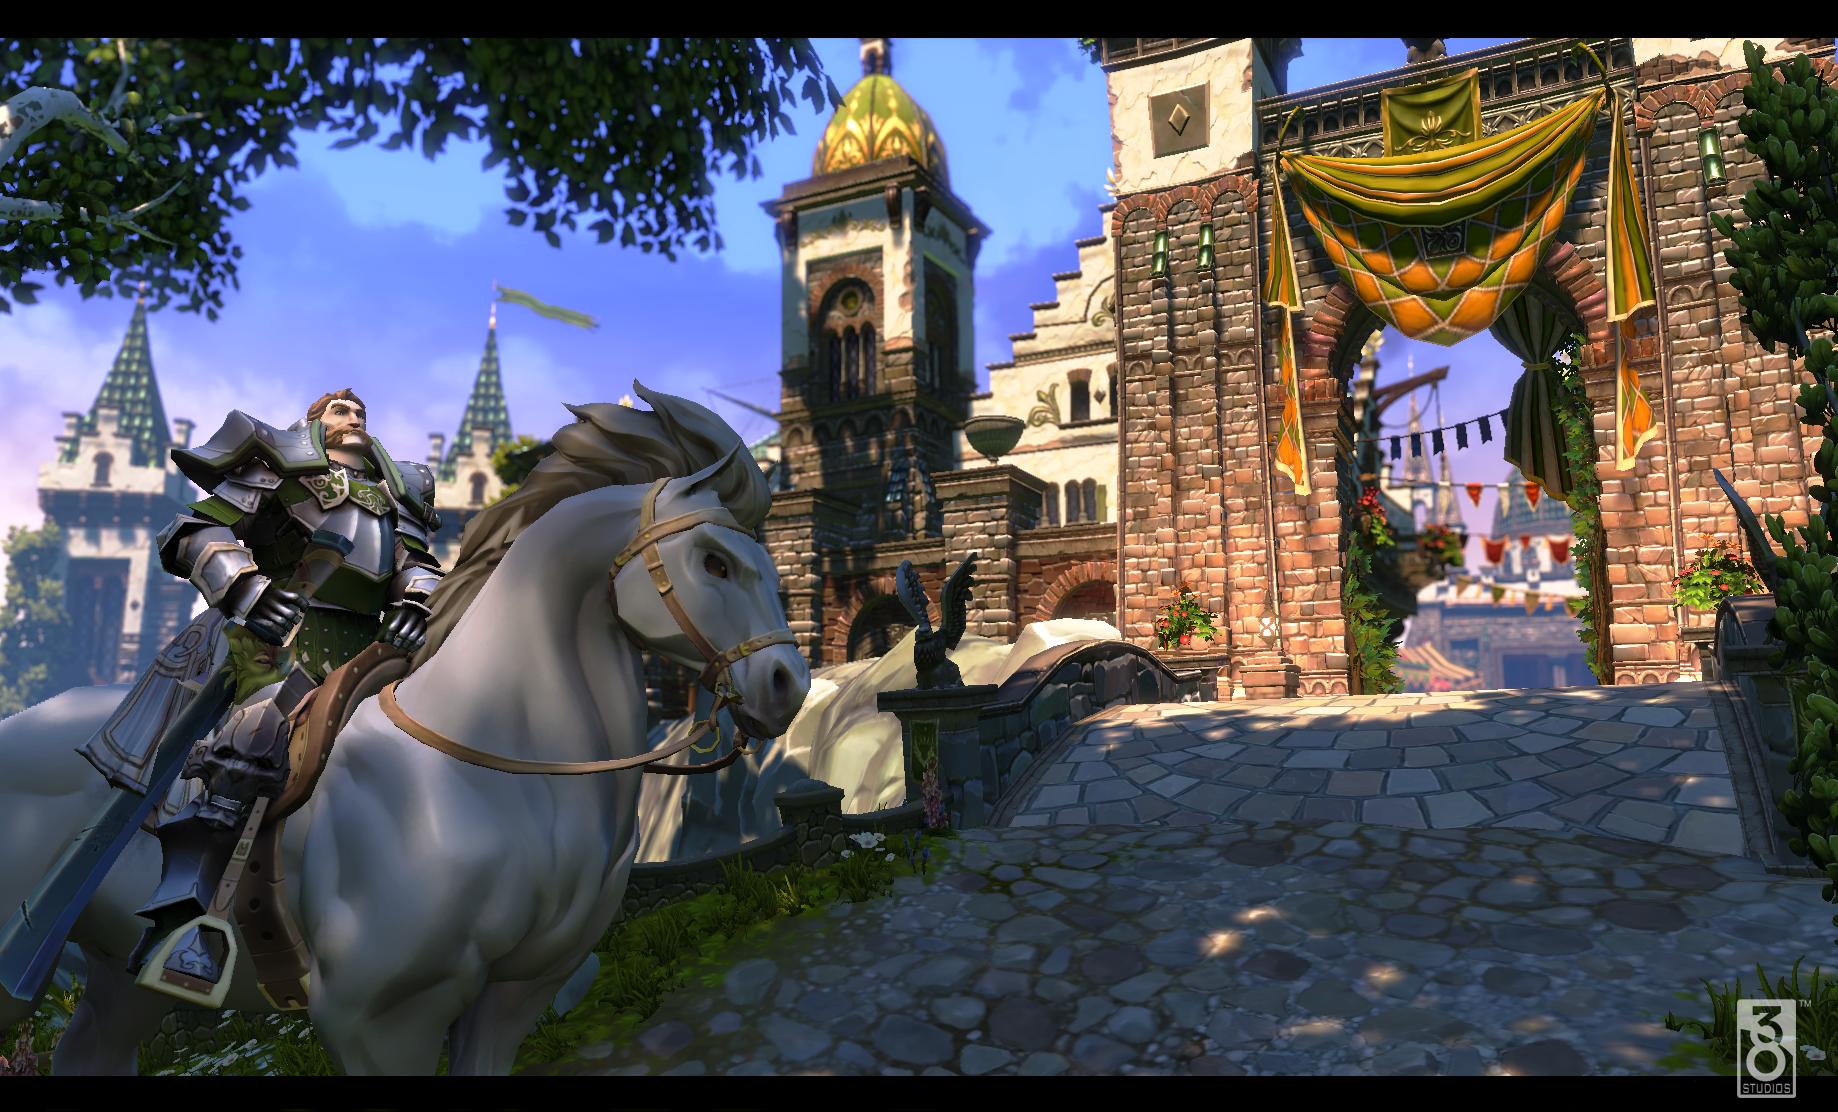 Студию разработчиков Kingdoms of Amalur решили закрыть - Изображение 1